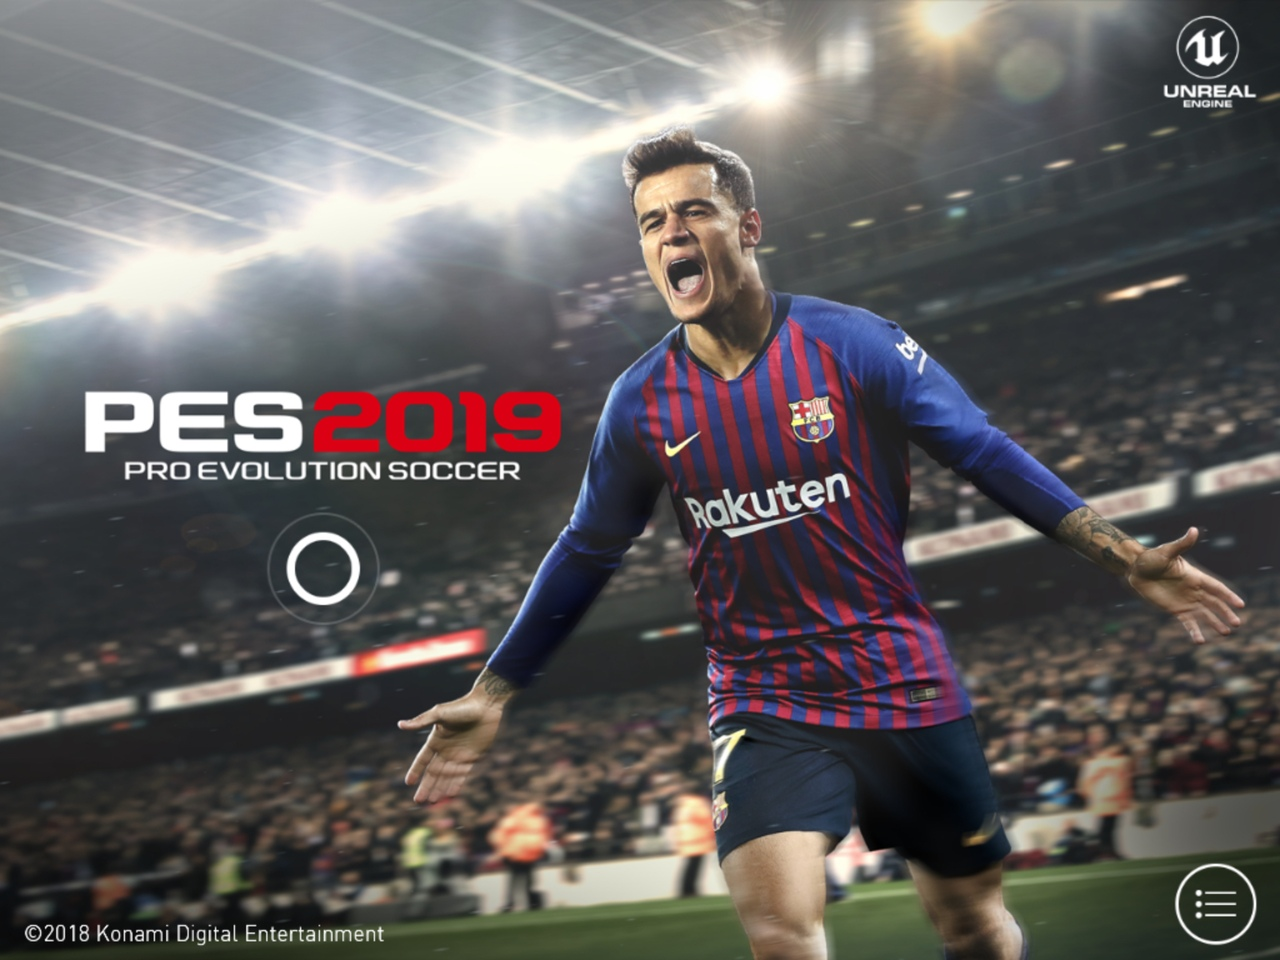 Мобильная версия PES 2019